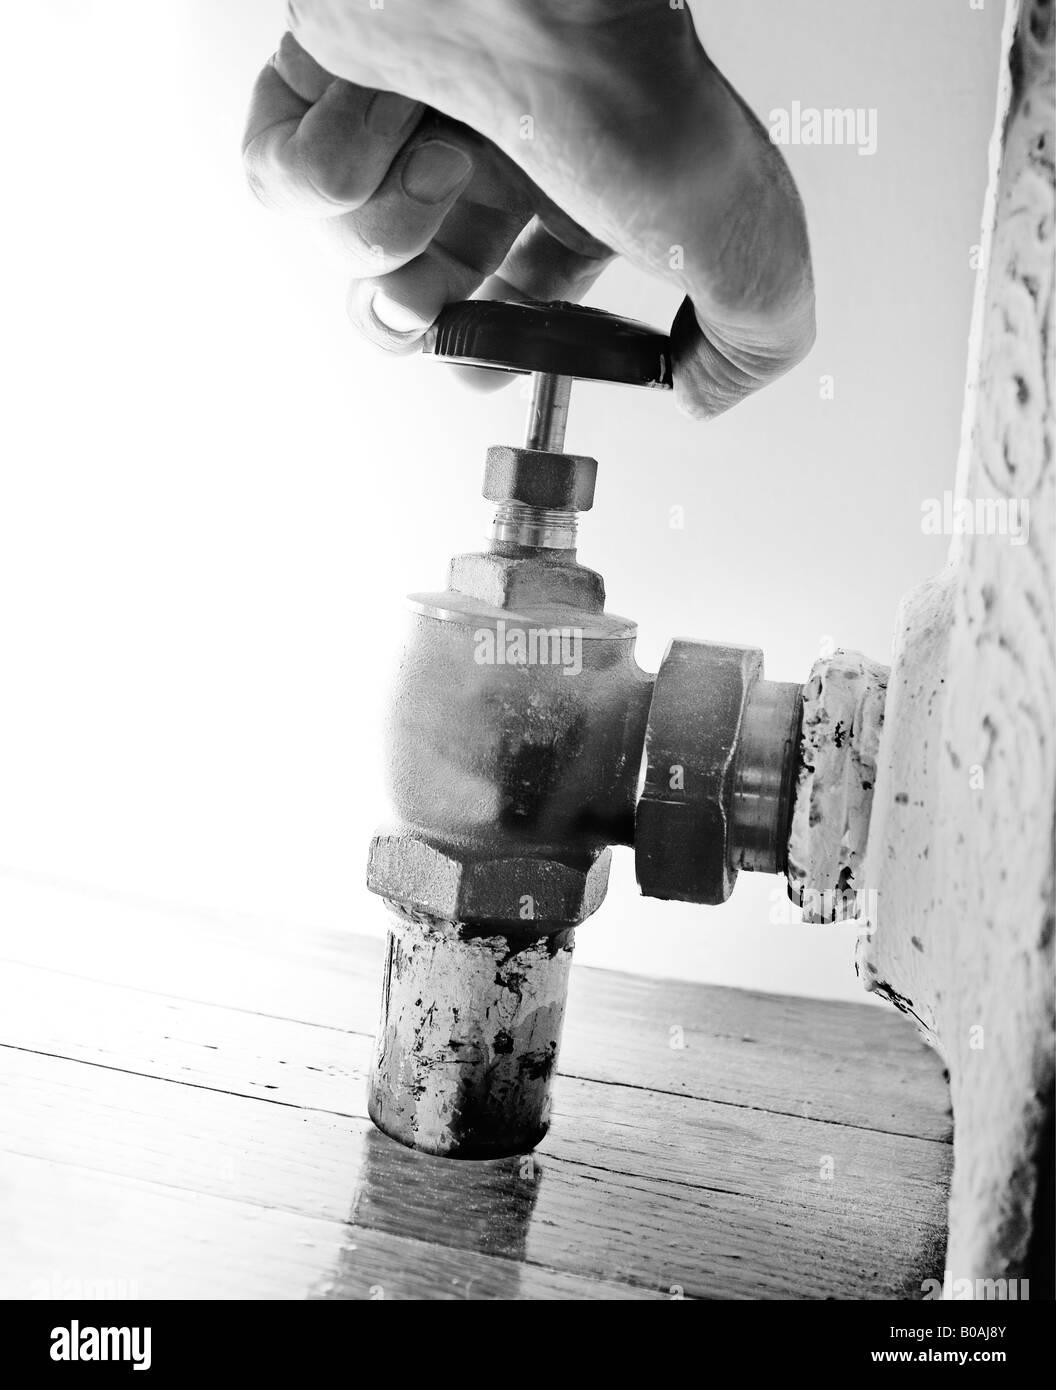 vanne de radiateur Photo Stock